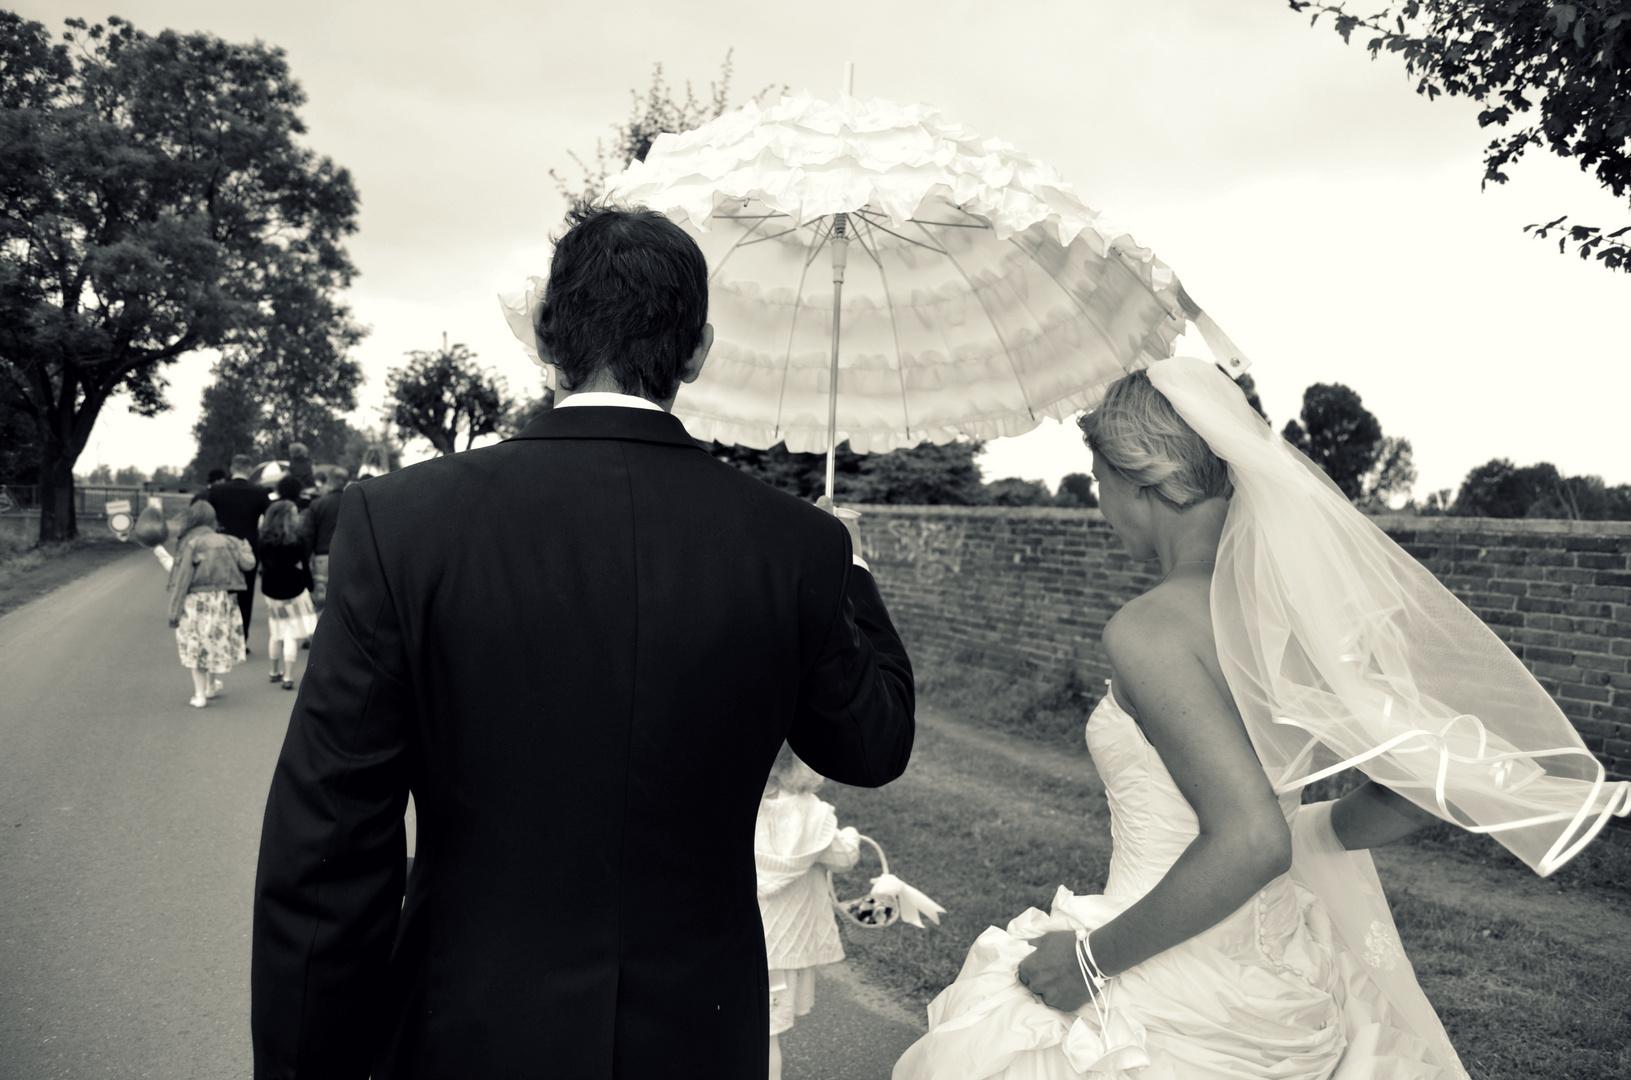 Couple Foto Bild Hochzeit People Menschen Bilder Auf Fotocommunity